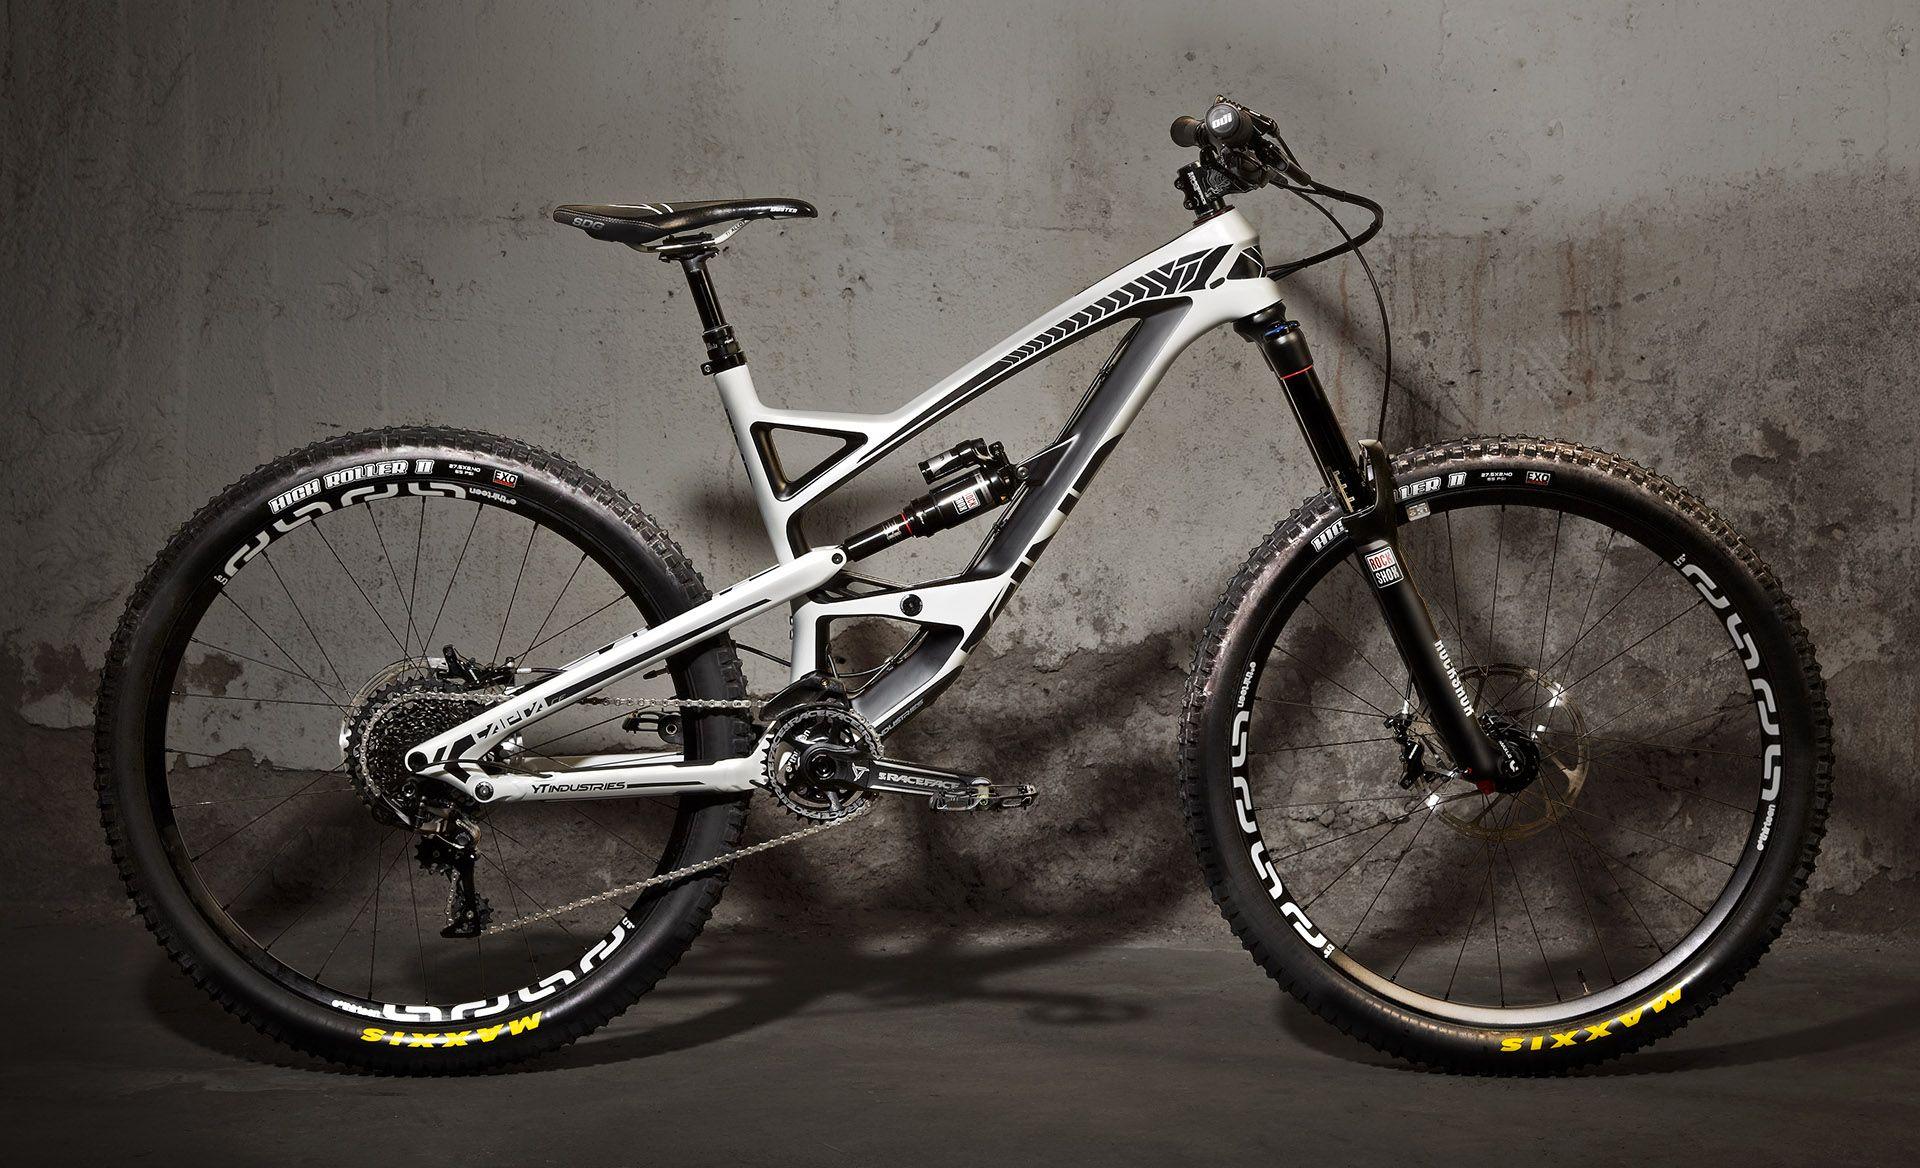 Yt Industries Capra Cf Comp 2 Singlespeed Bicycle Bicycle Bike